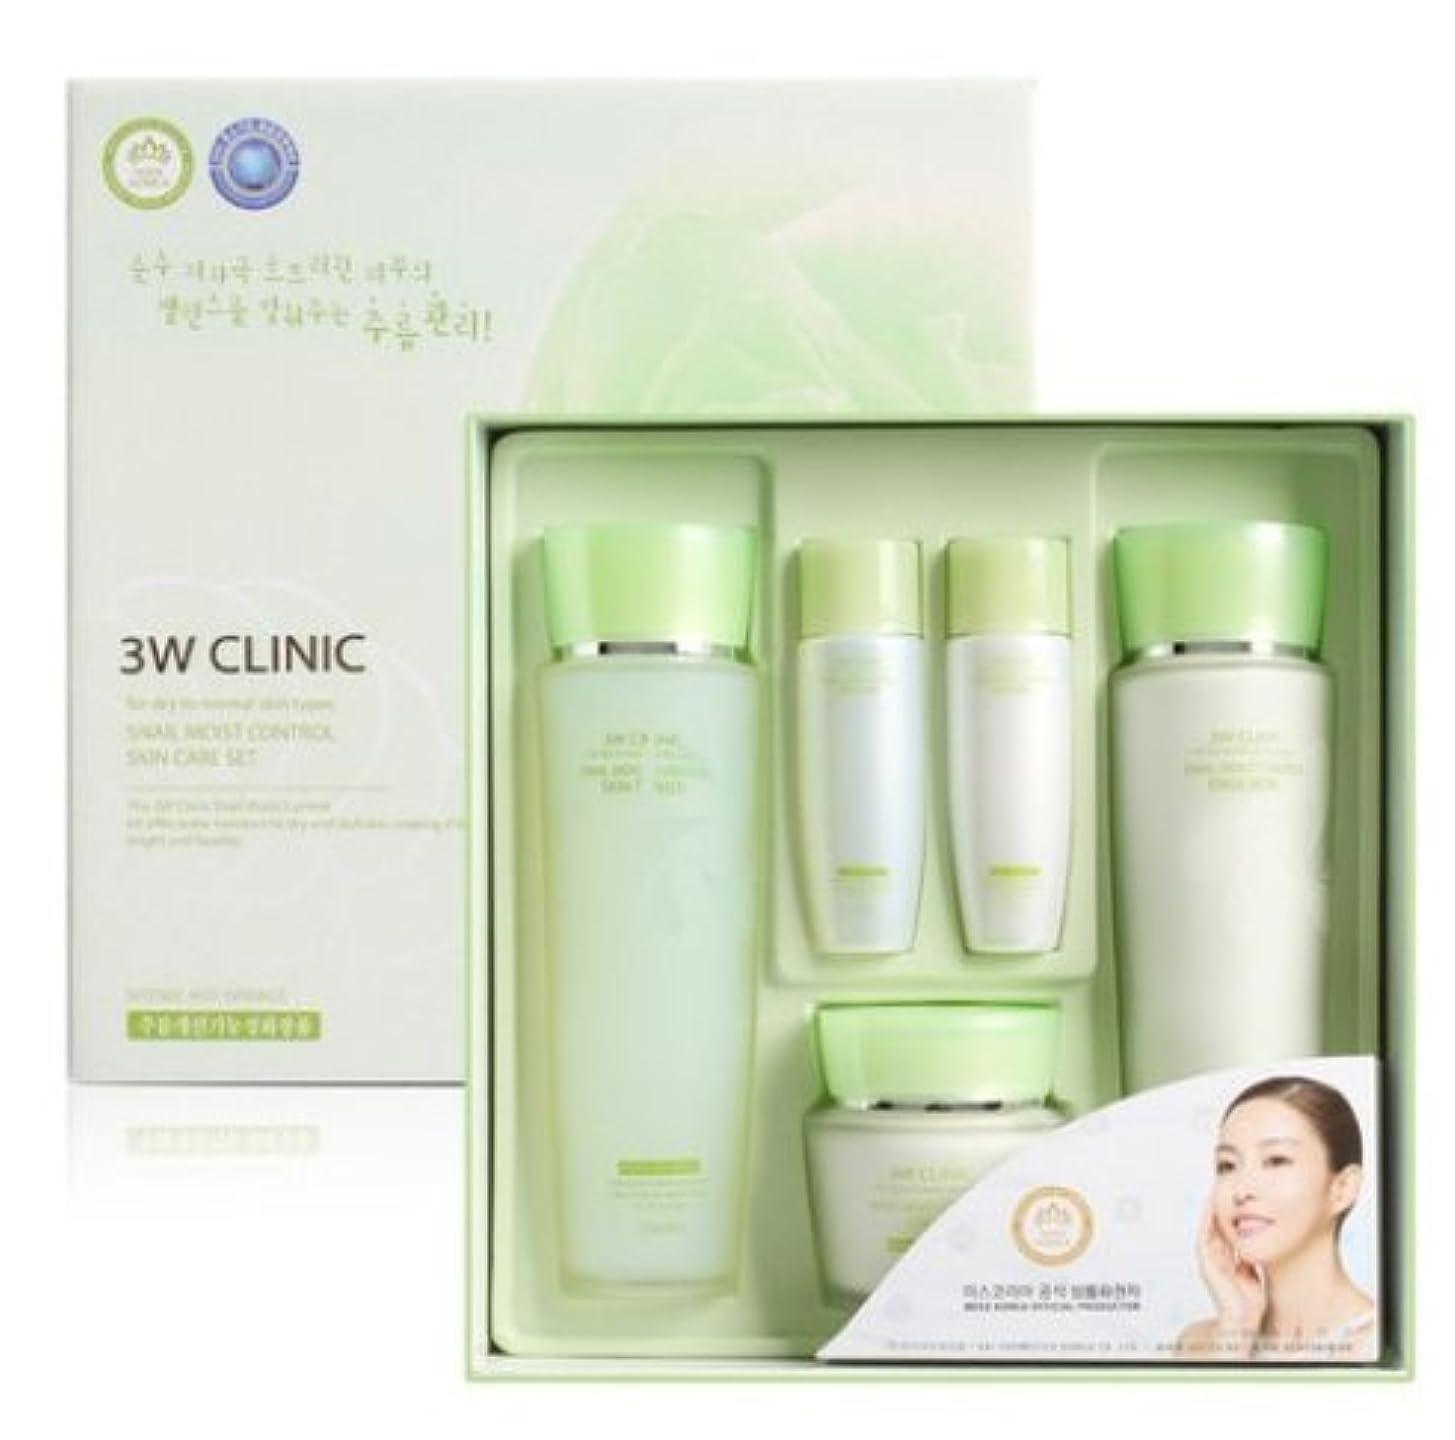 同一の運営誕生日3Wクリニック[韓国コスメ3w Clinic]Snail Moist Control Skin Care Set カタツムリモイストコントロールスキンケア3セット樹液,乳液,クリーム [並行輸入品]